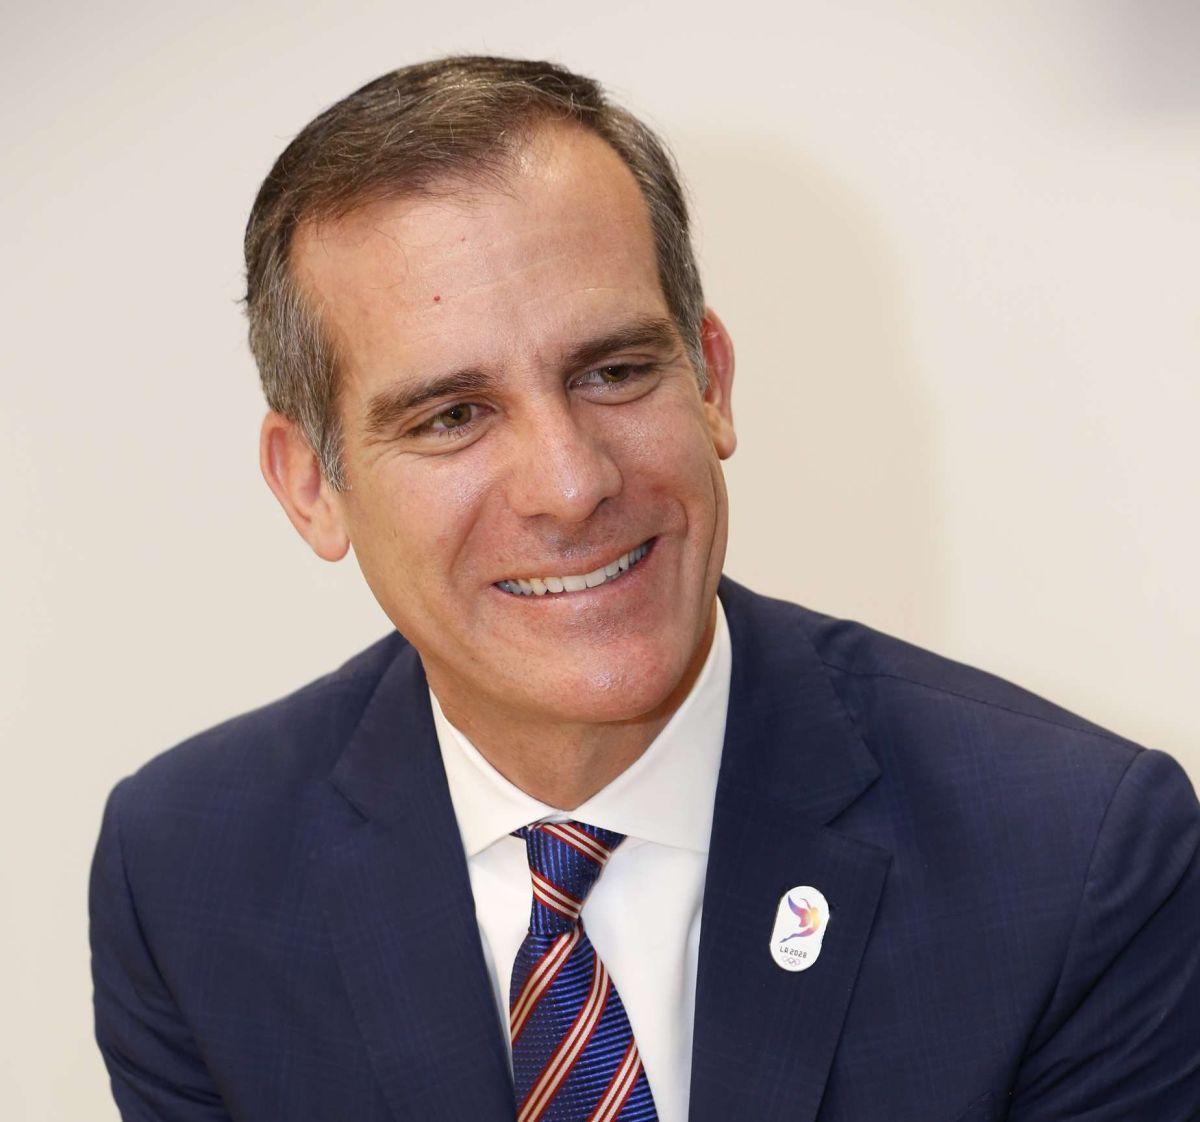 El alcalde Eric Garcetti será recordado por el alarmante crecimiento del desamparo